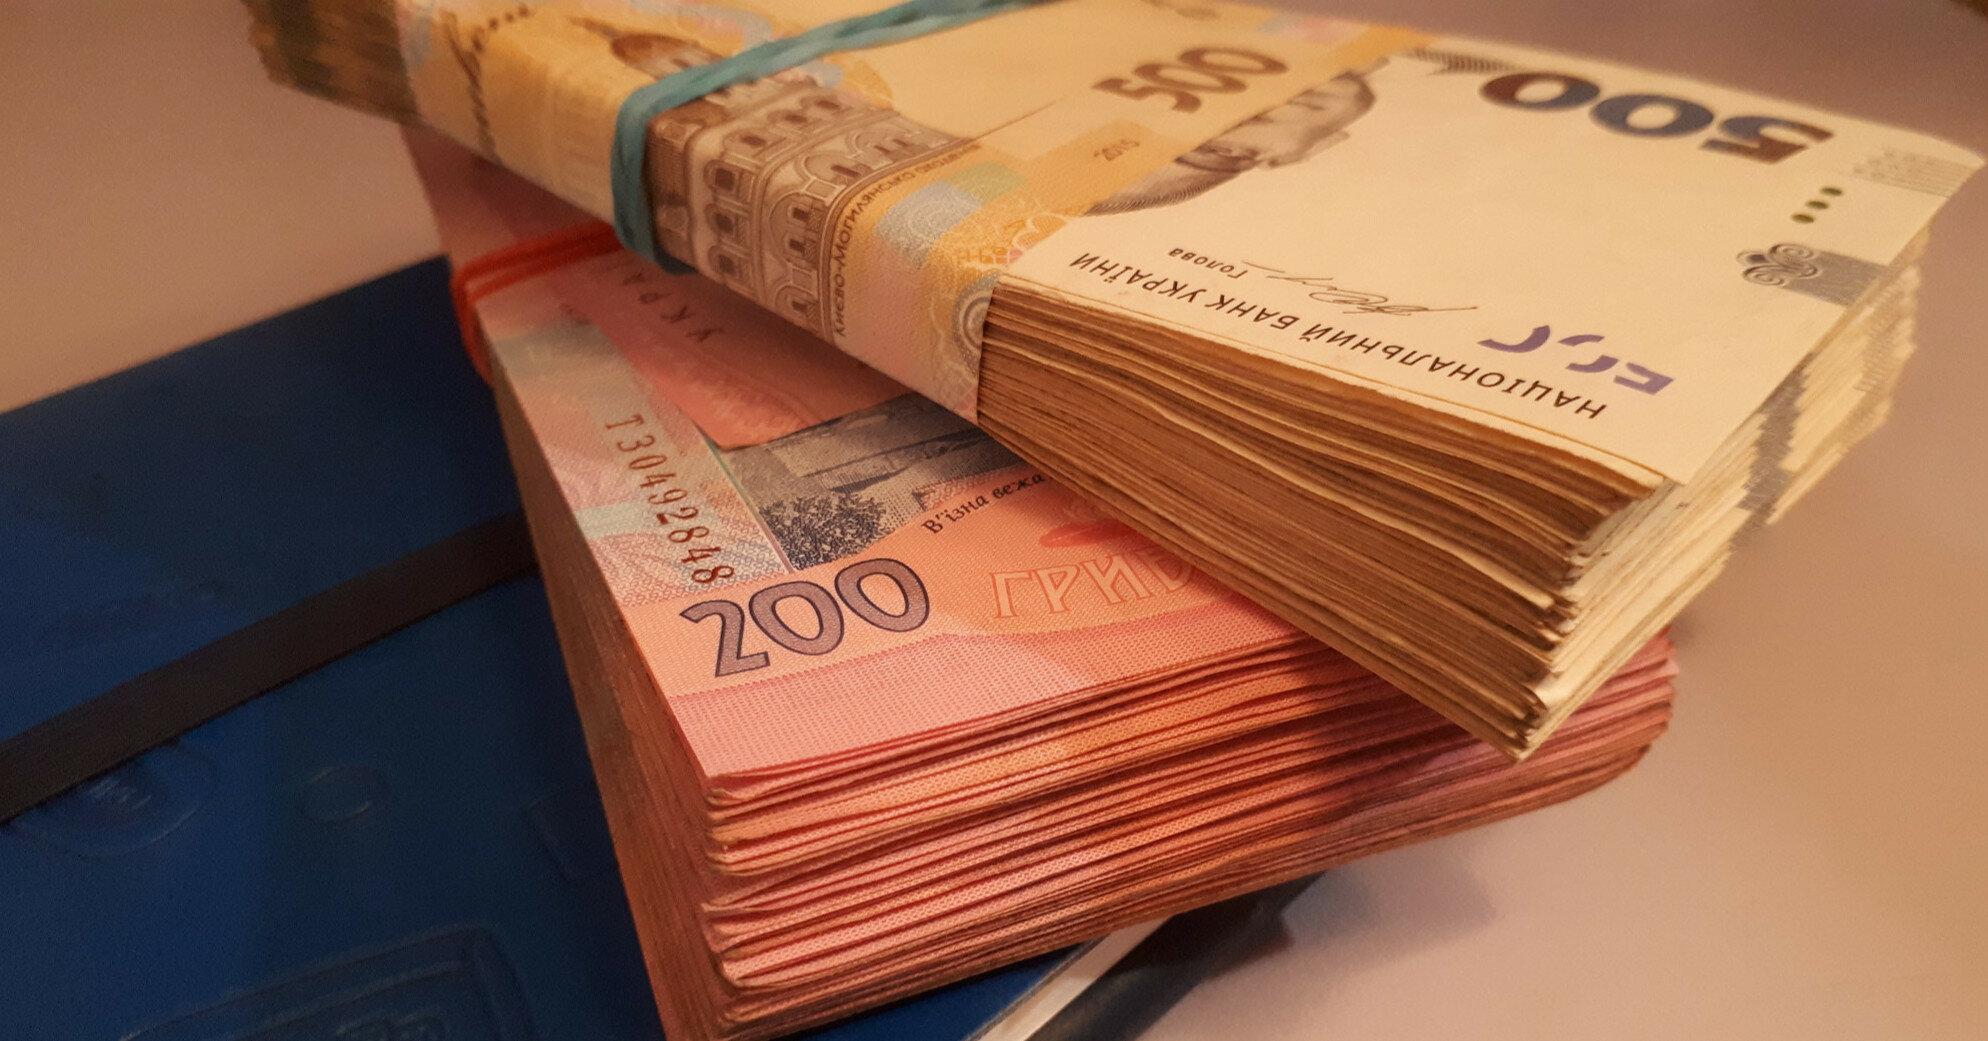 Глава Міненерго сплатив 500 тисяч гривень податків